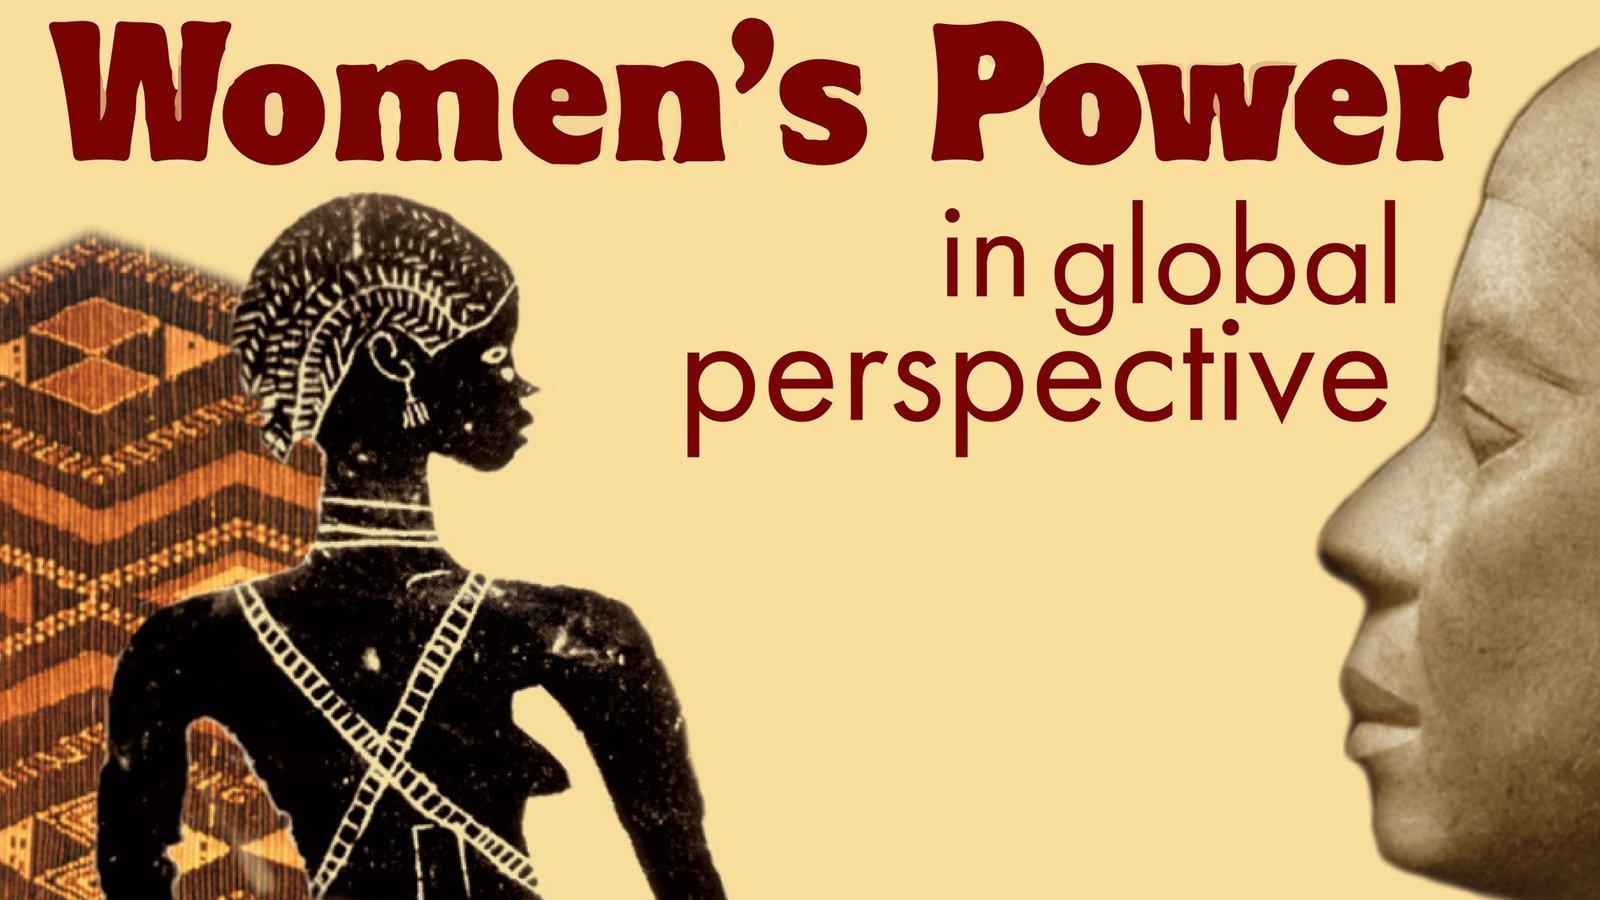 Women's Power - Female Leadership Around the World